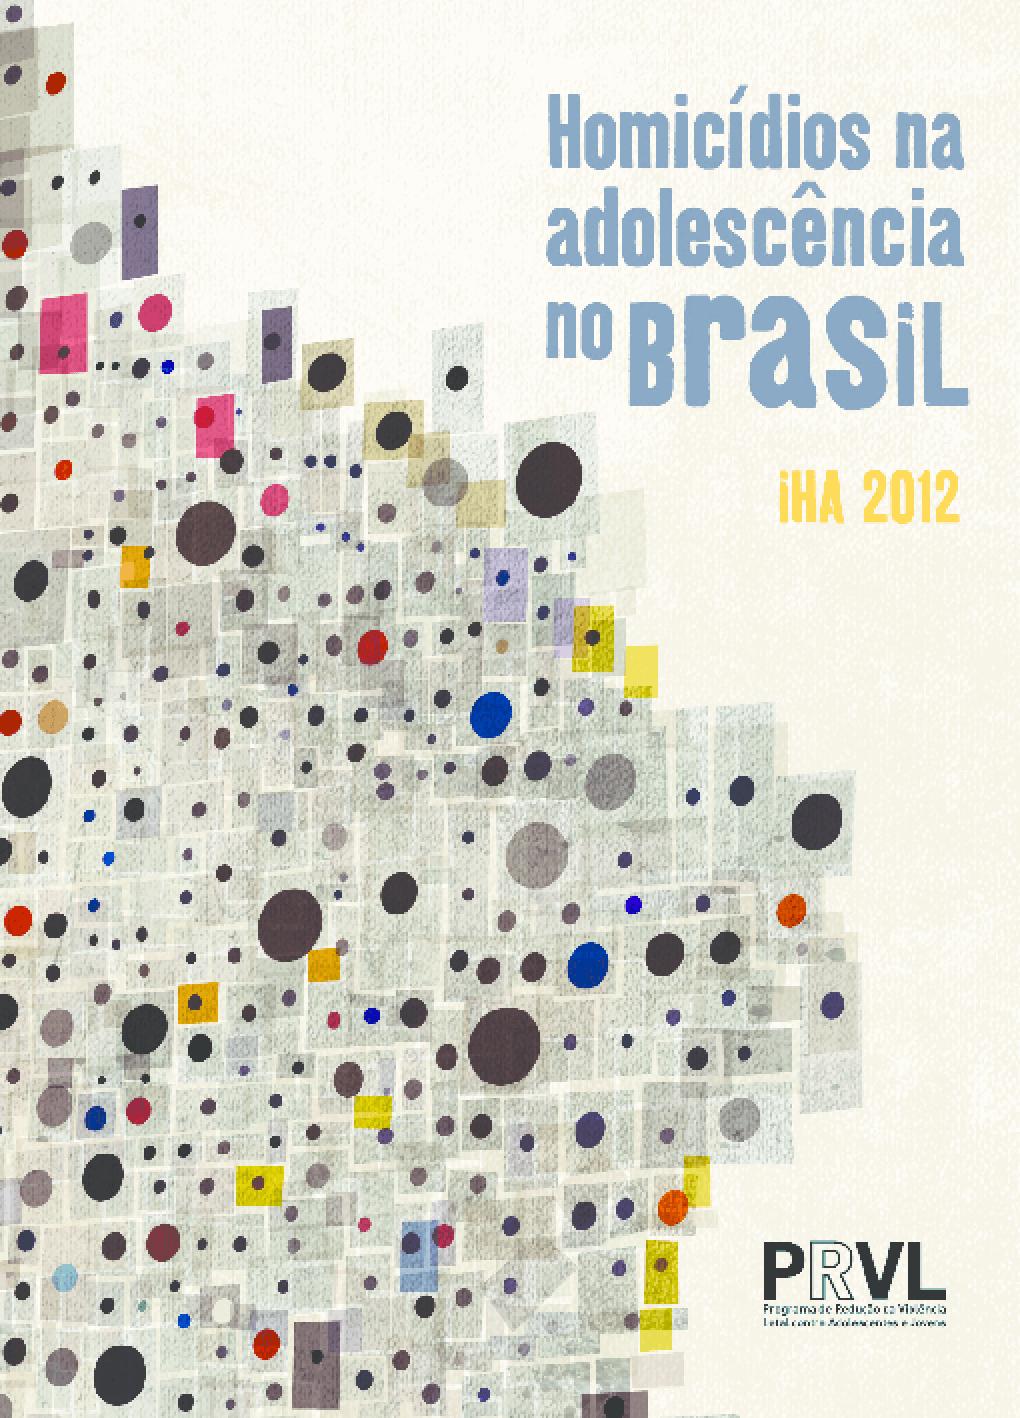 Homicídios na adolescência no Brasil